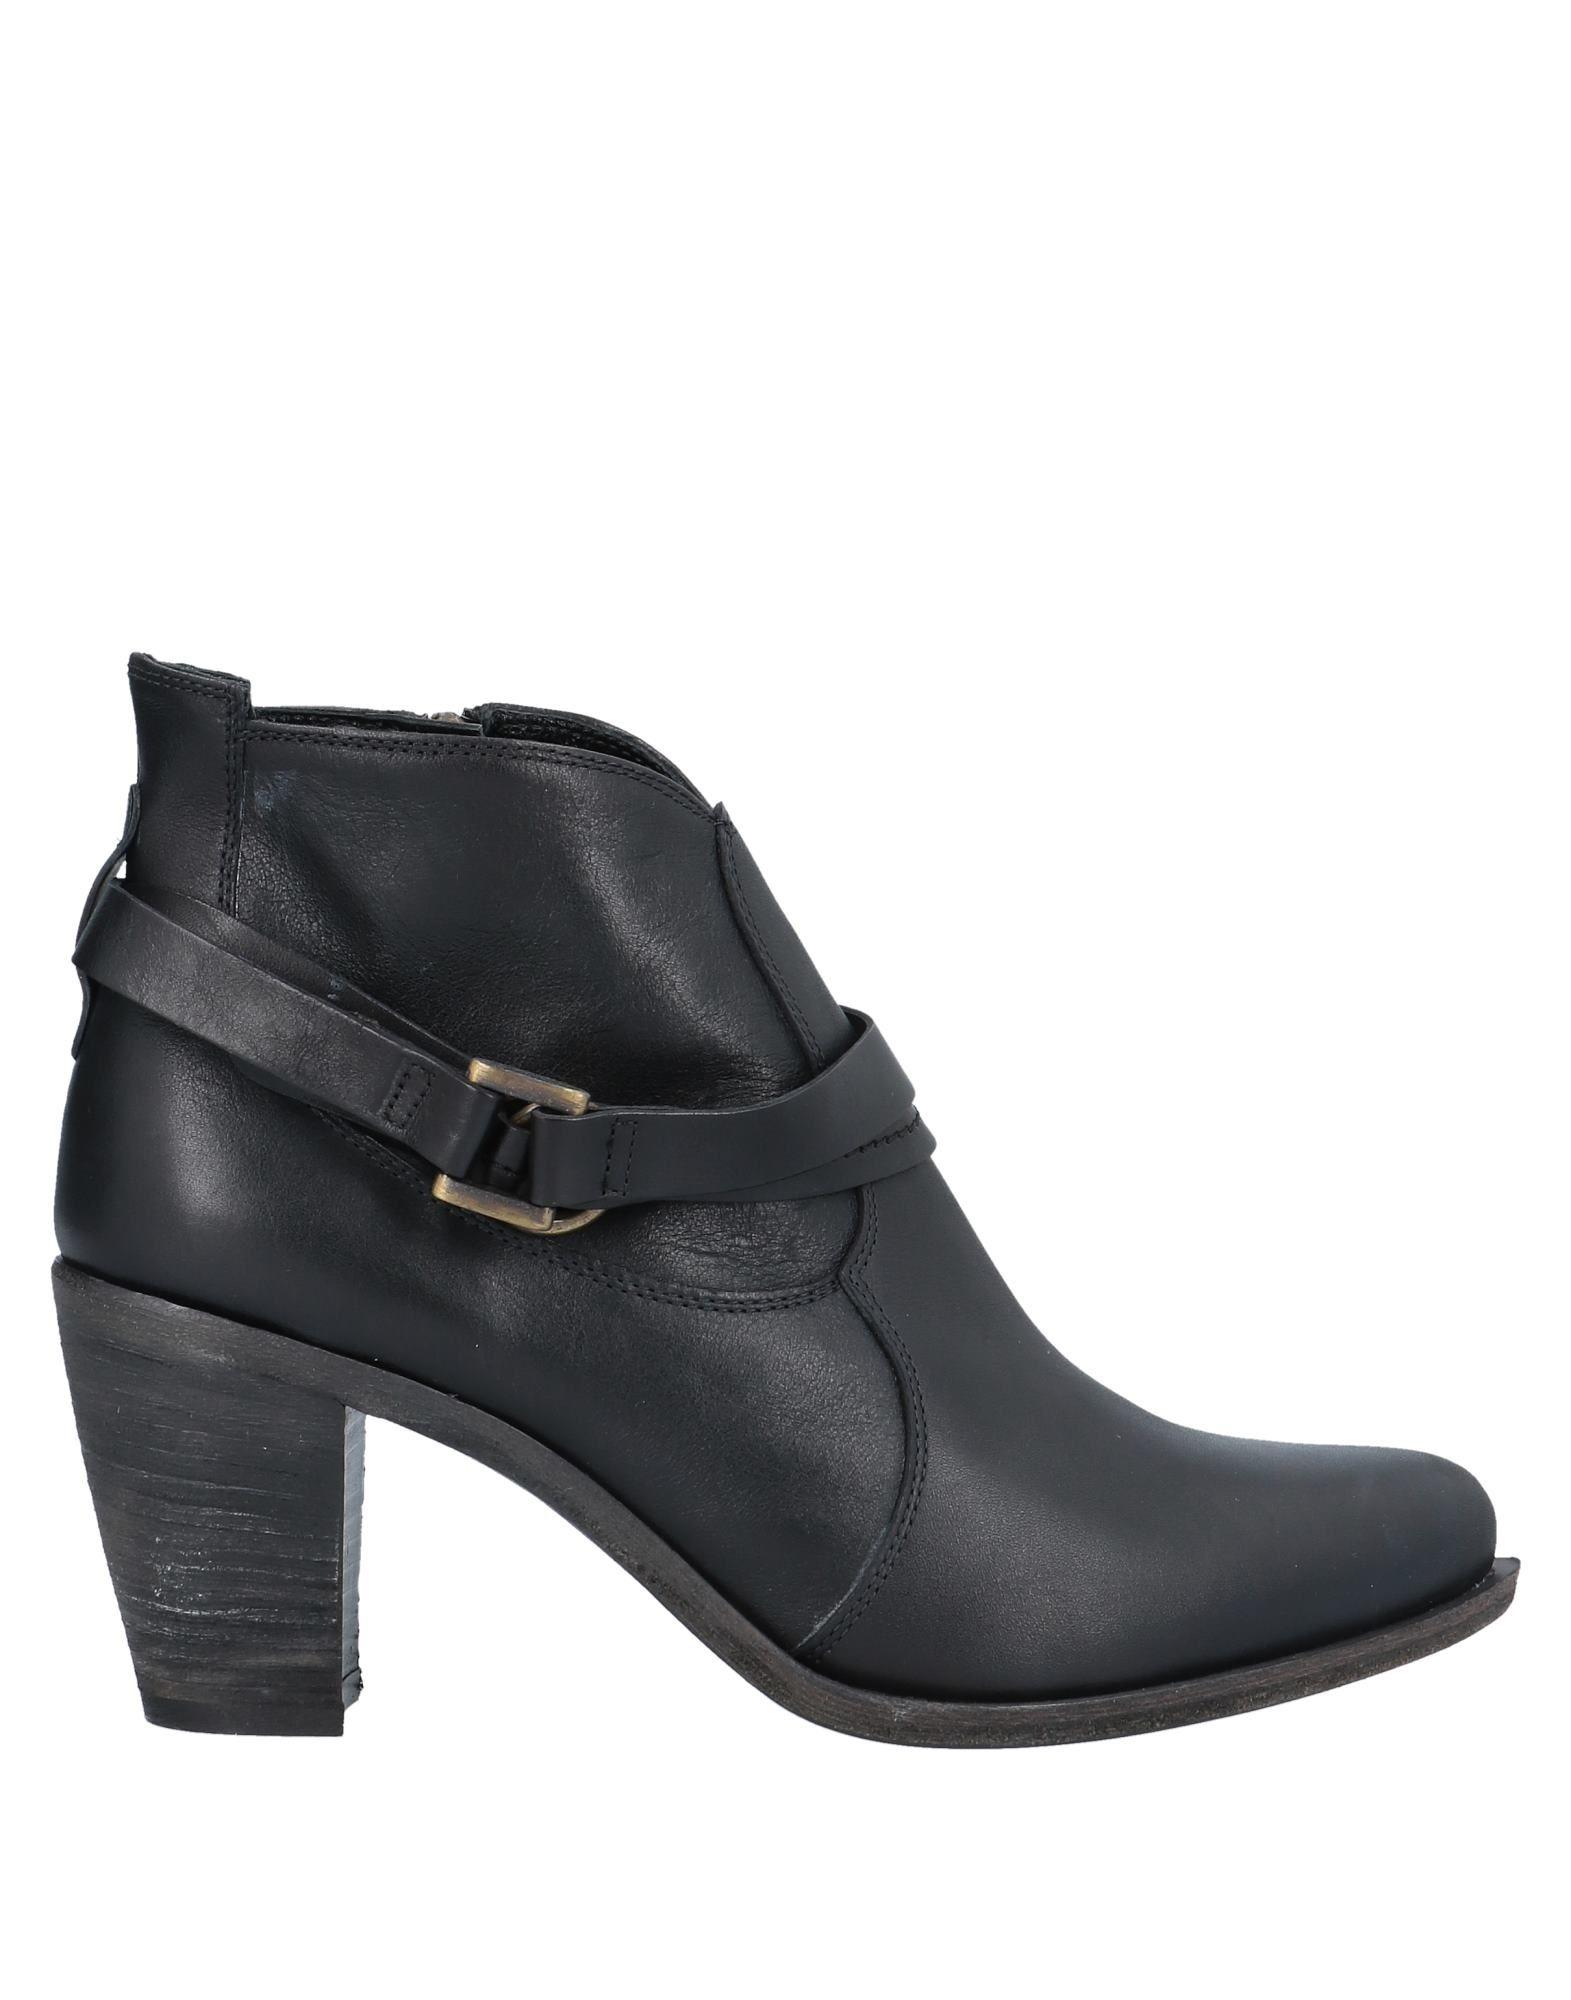 LEI BY ANTON MODE Полусапоги и высокие ботинки anton mode туфли